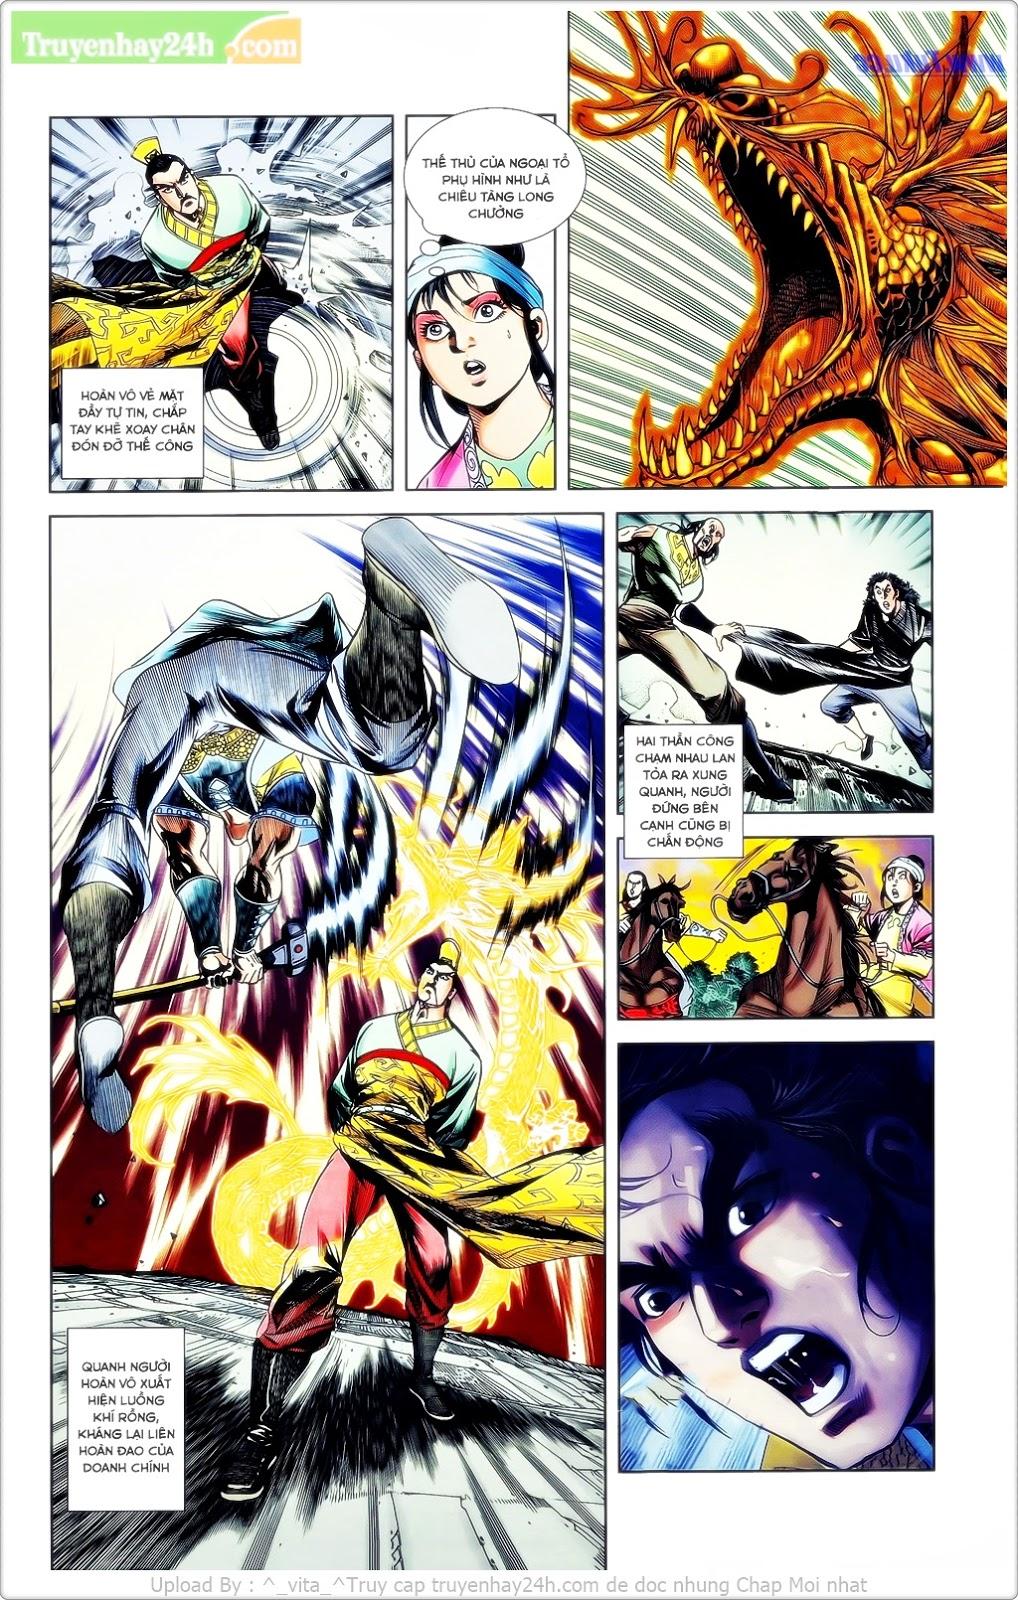 Tần Vương Doanh Chính chapter 23 trang 18